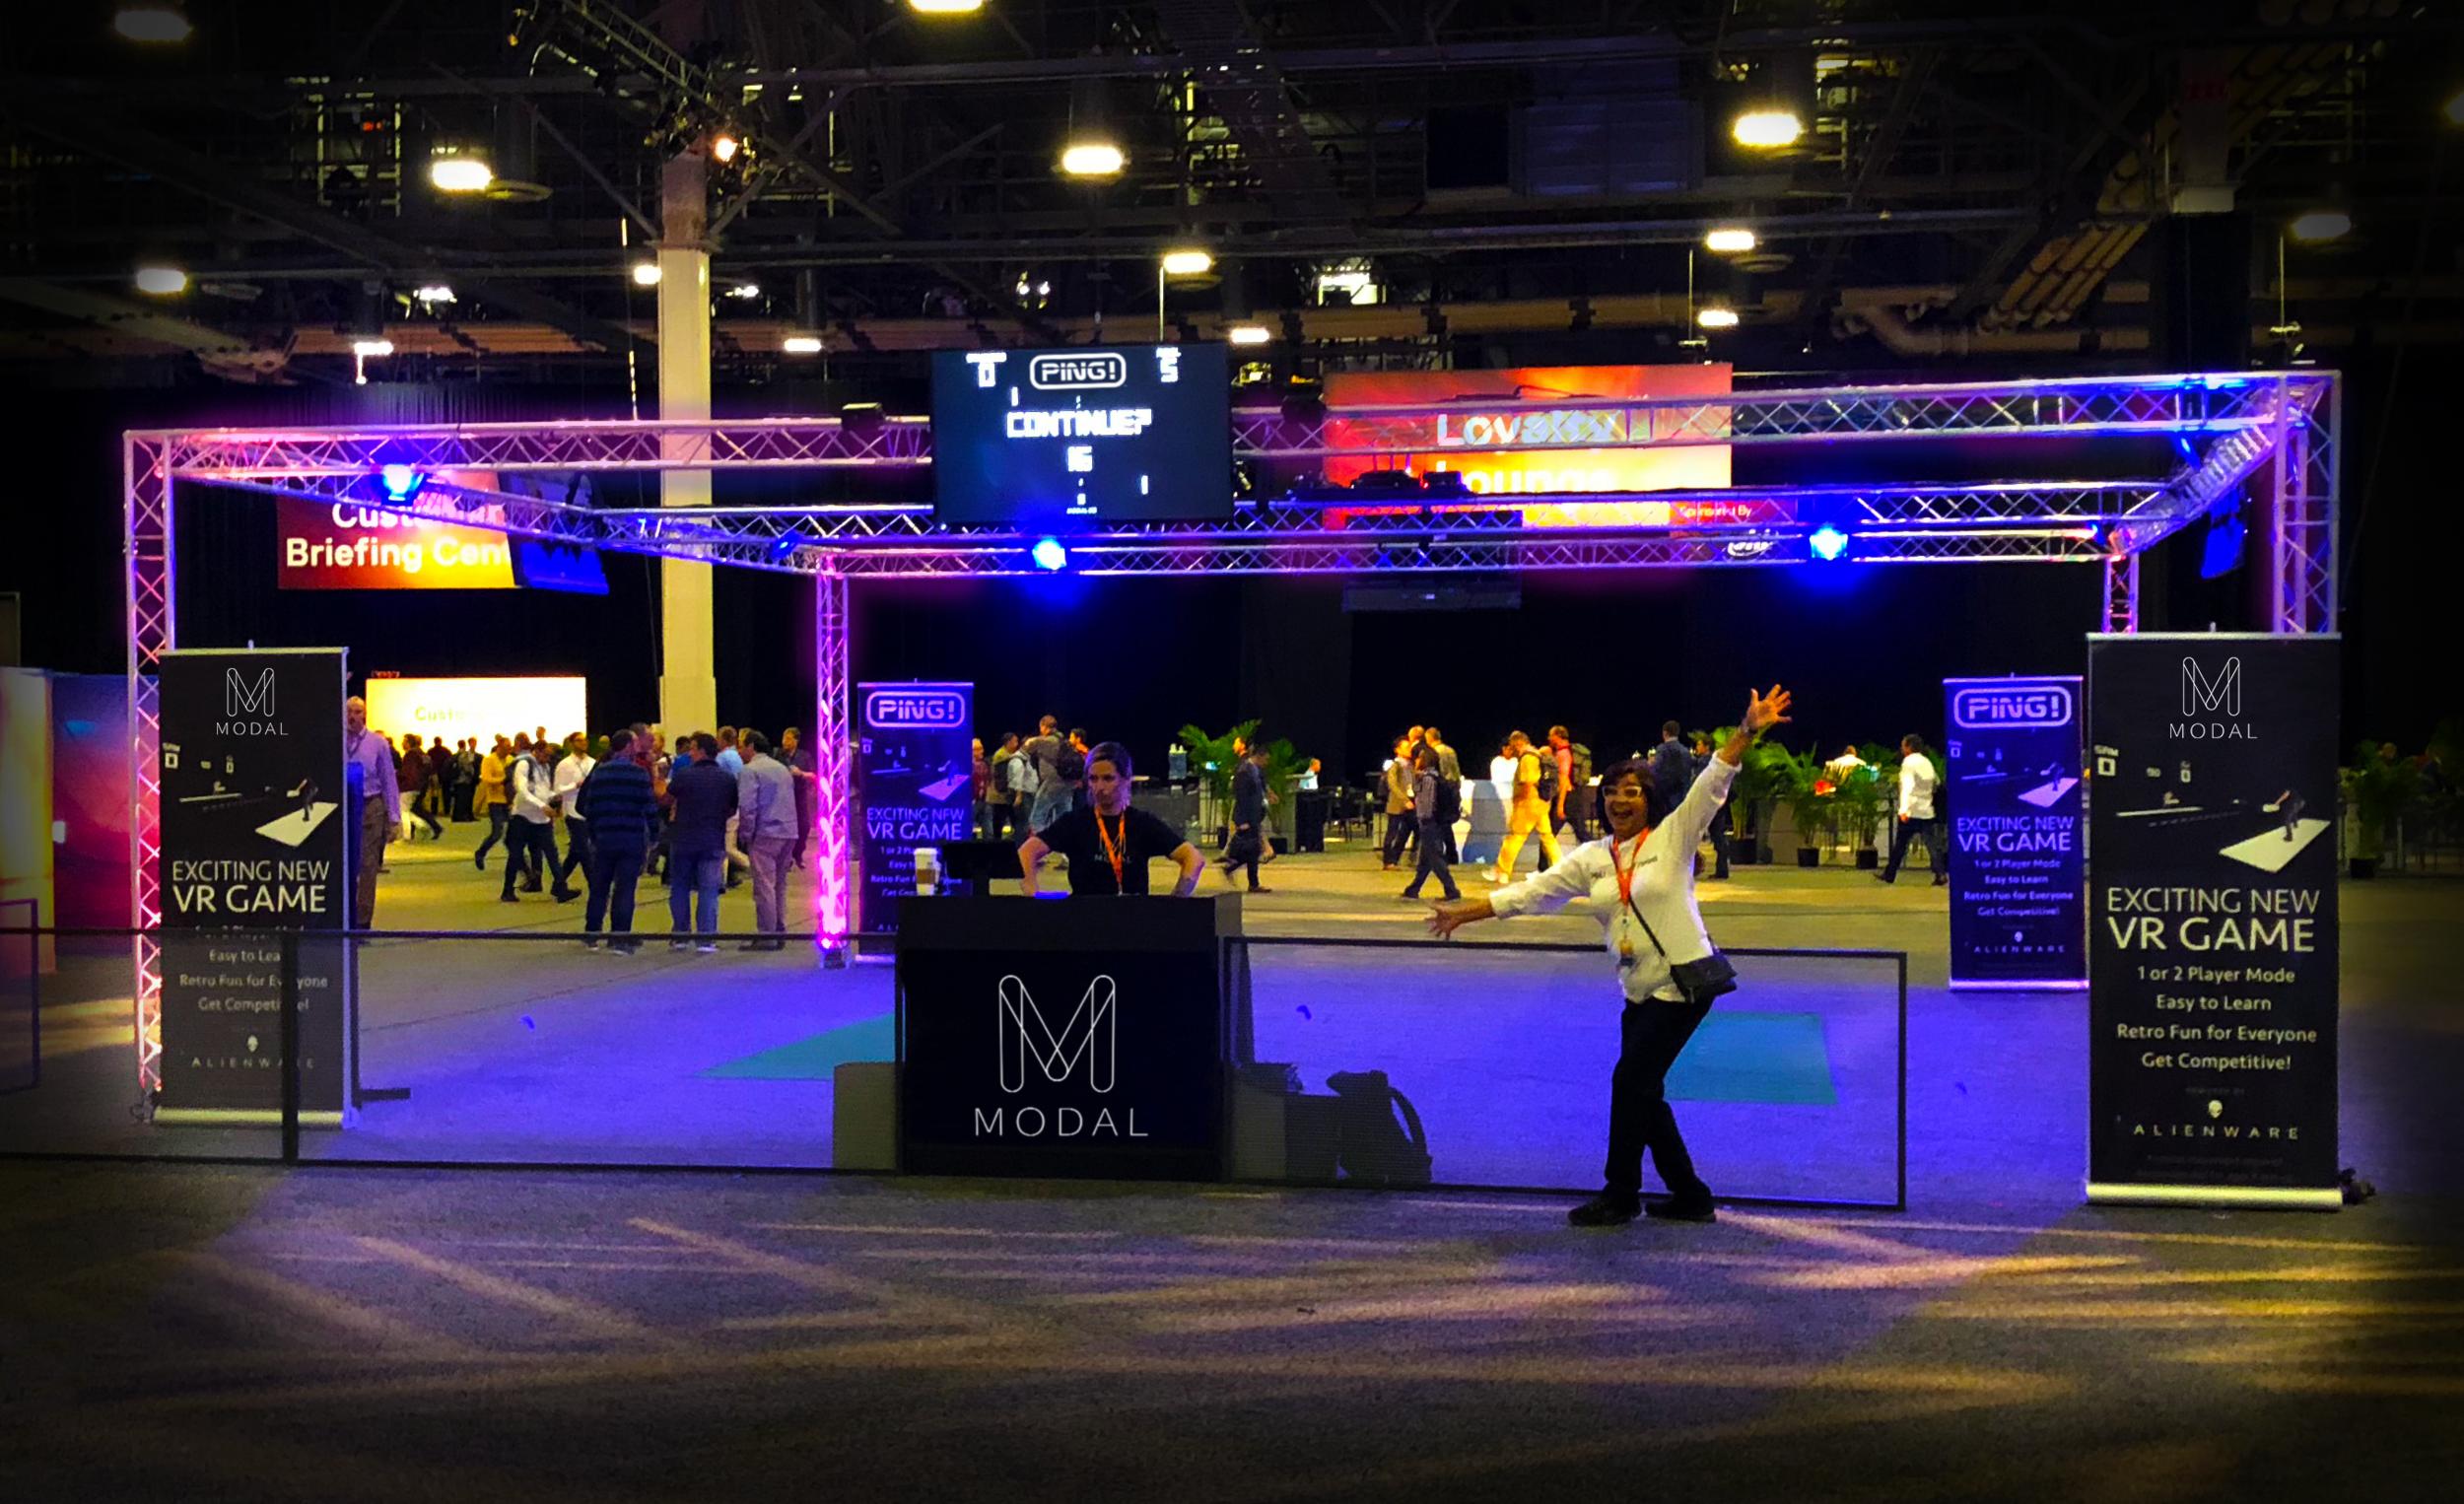 Modal at Dell Tech Expo 2018